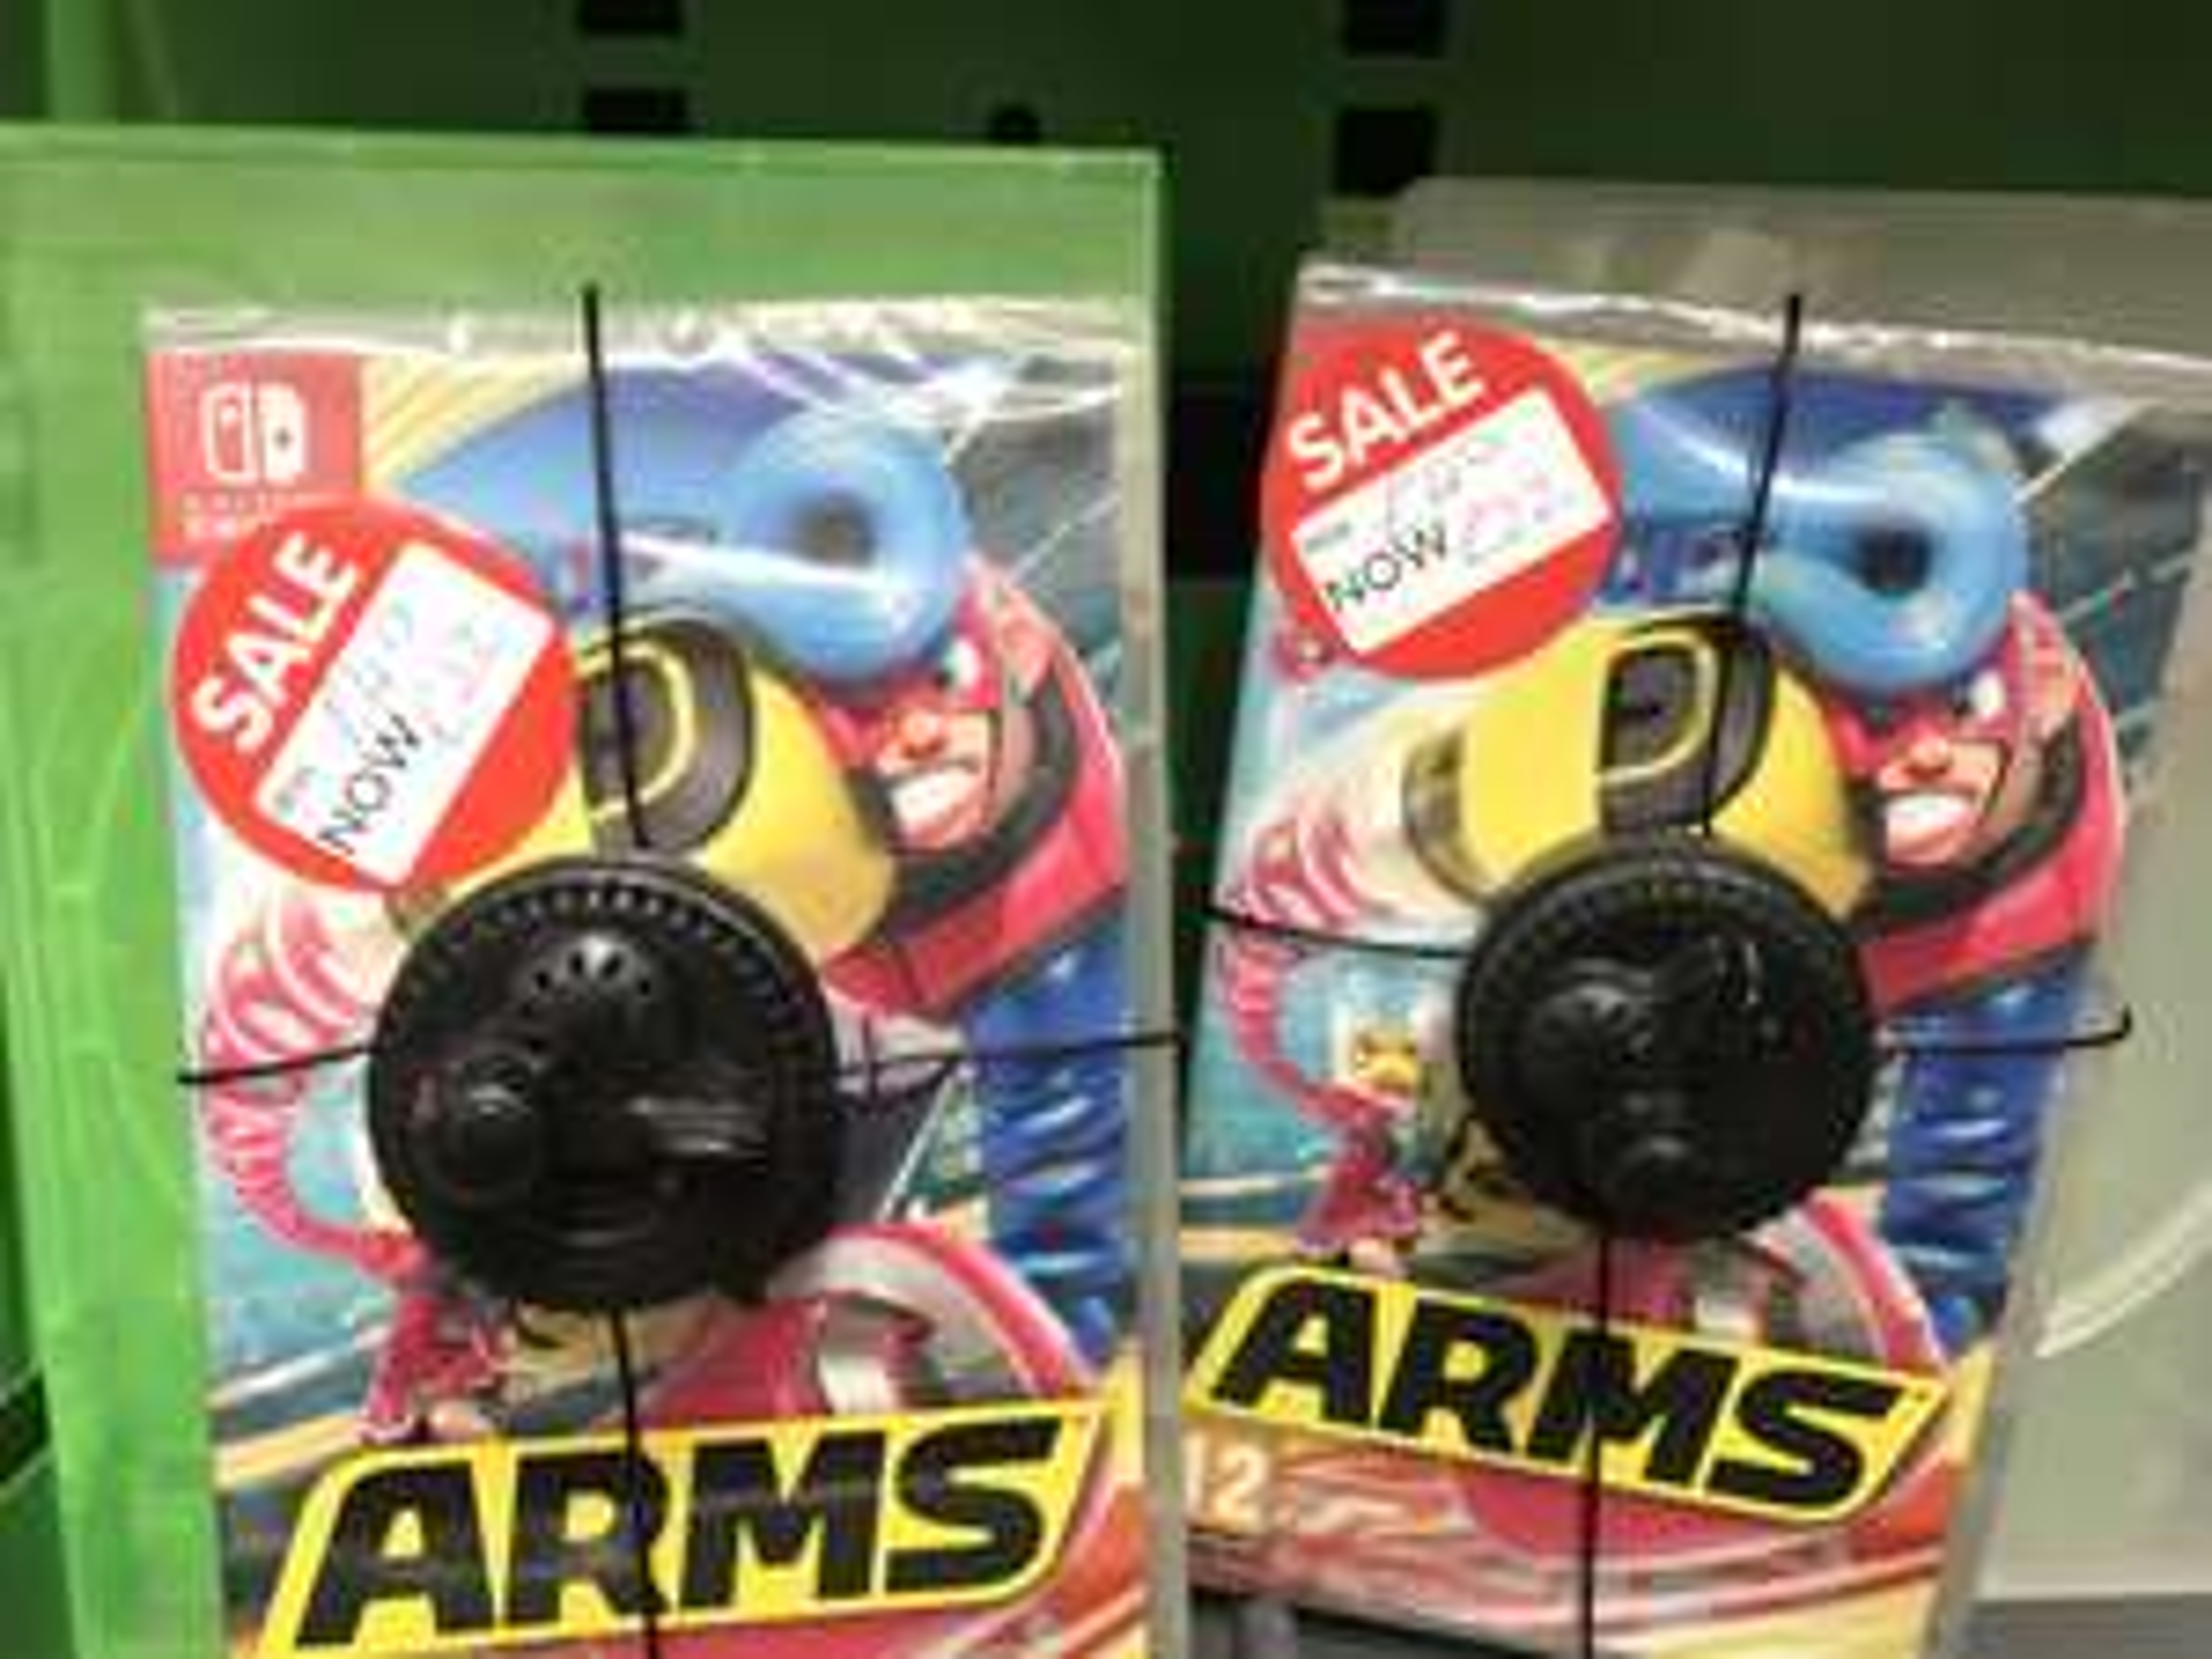 Arms for nintendo switch £22 @ Asda - Hamilton